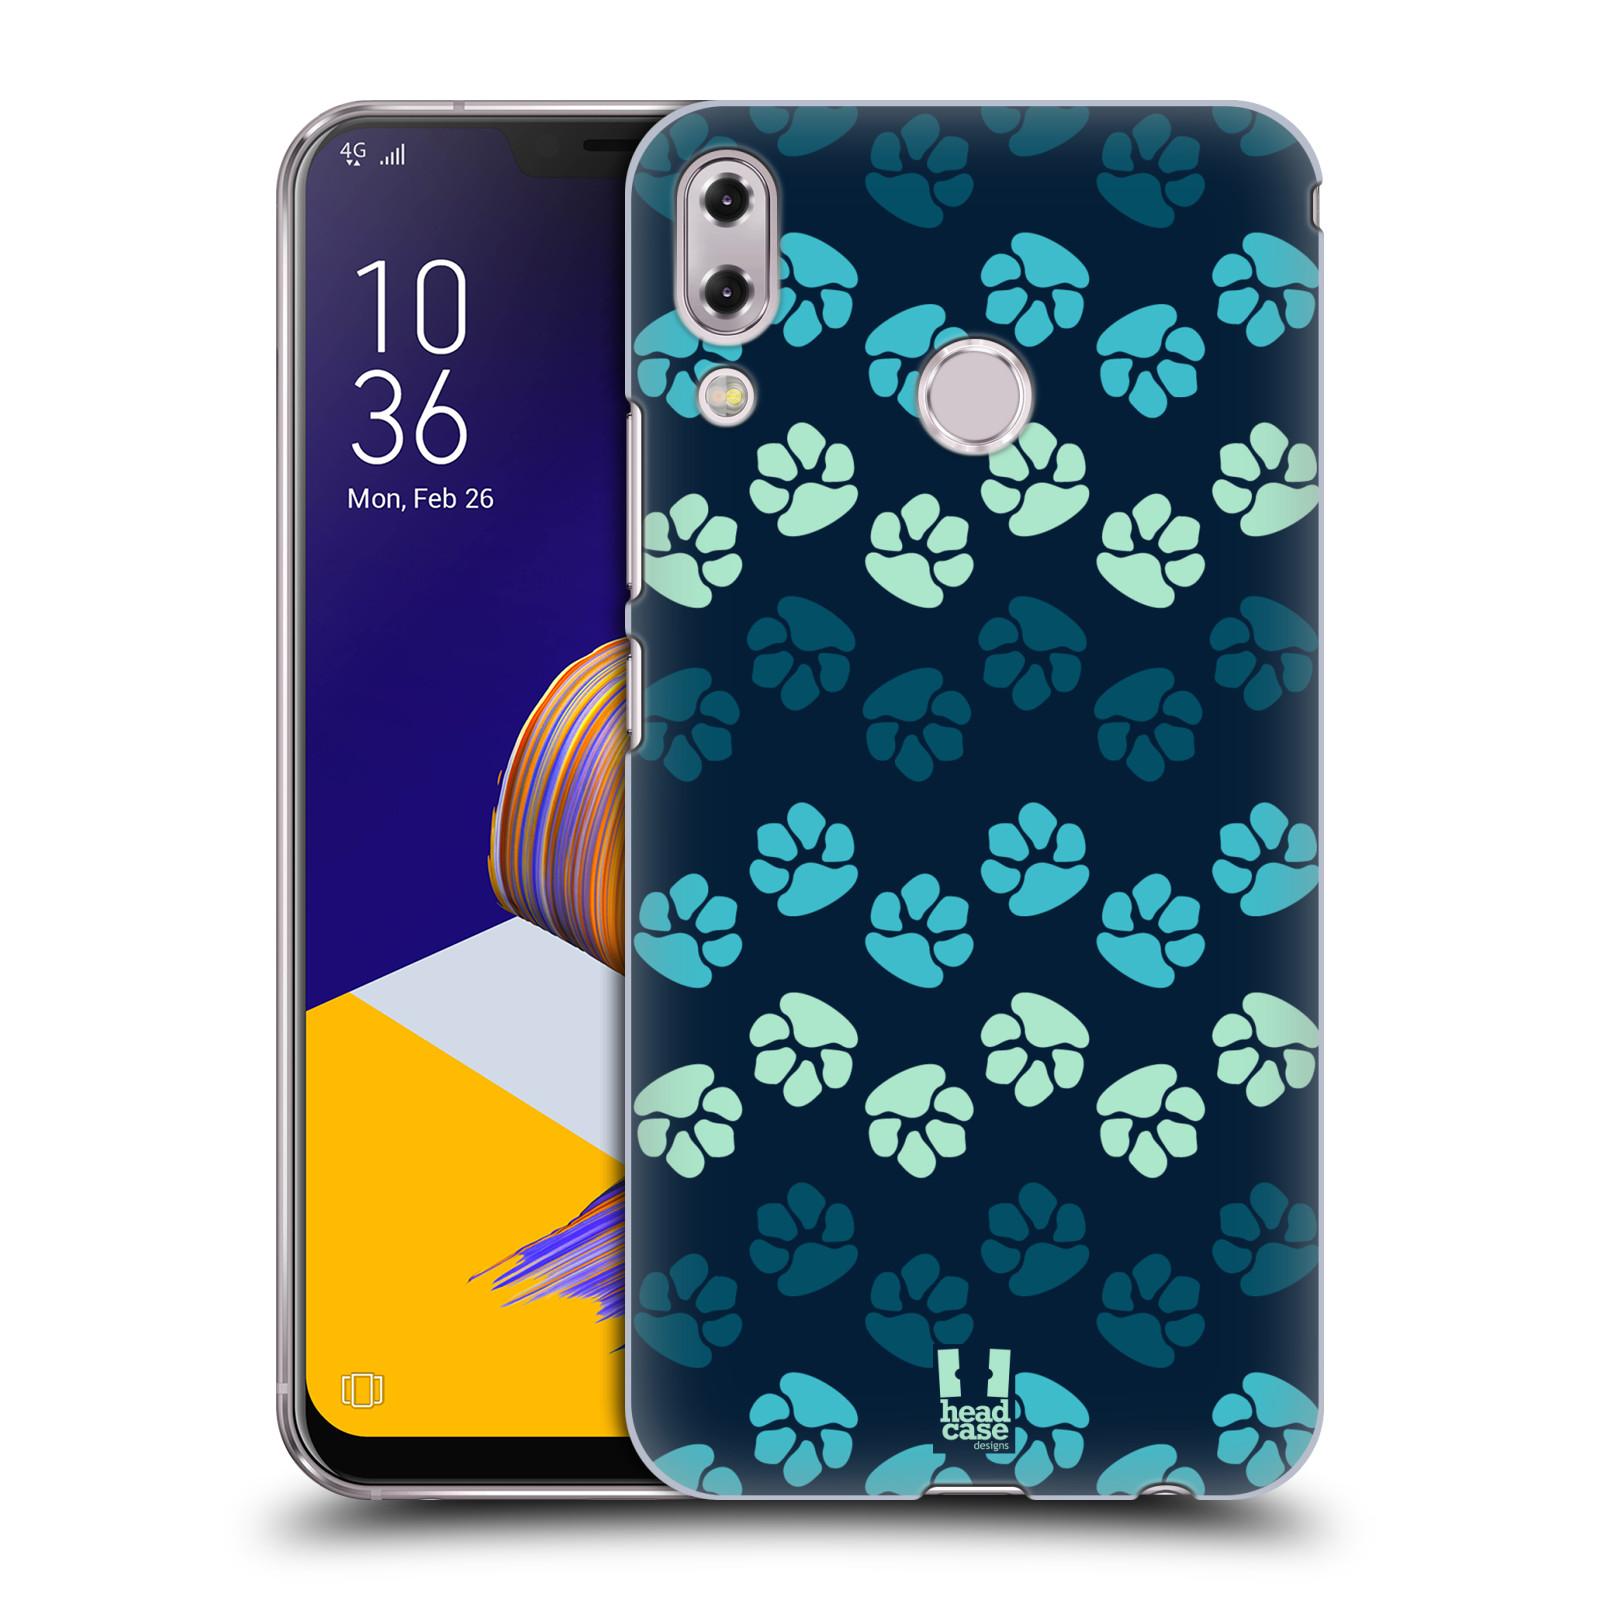 Plastové pouzdro na mobil Asus Zenfone 5z ZS620KL - Head Case - TLAPKY MODRÉ (Plastový kryt či obal na mobilní telefon Asus Zenfone 5z (ZS620KL) s motivem TLAPKY MODRÉ)